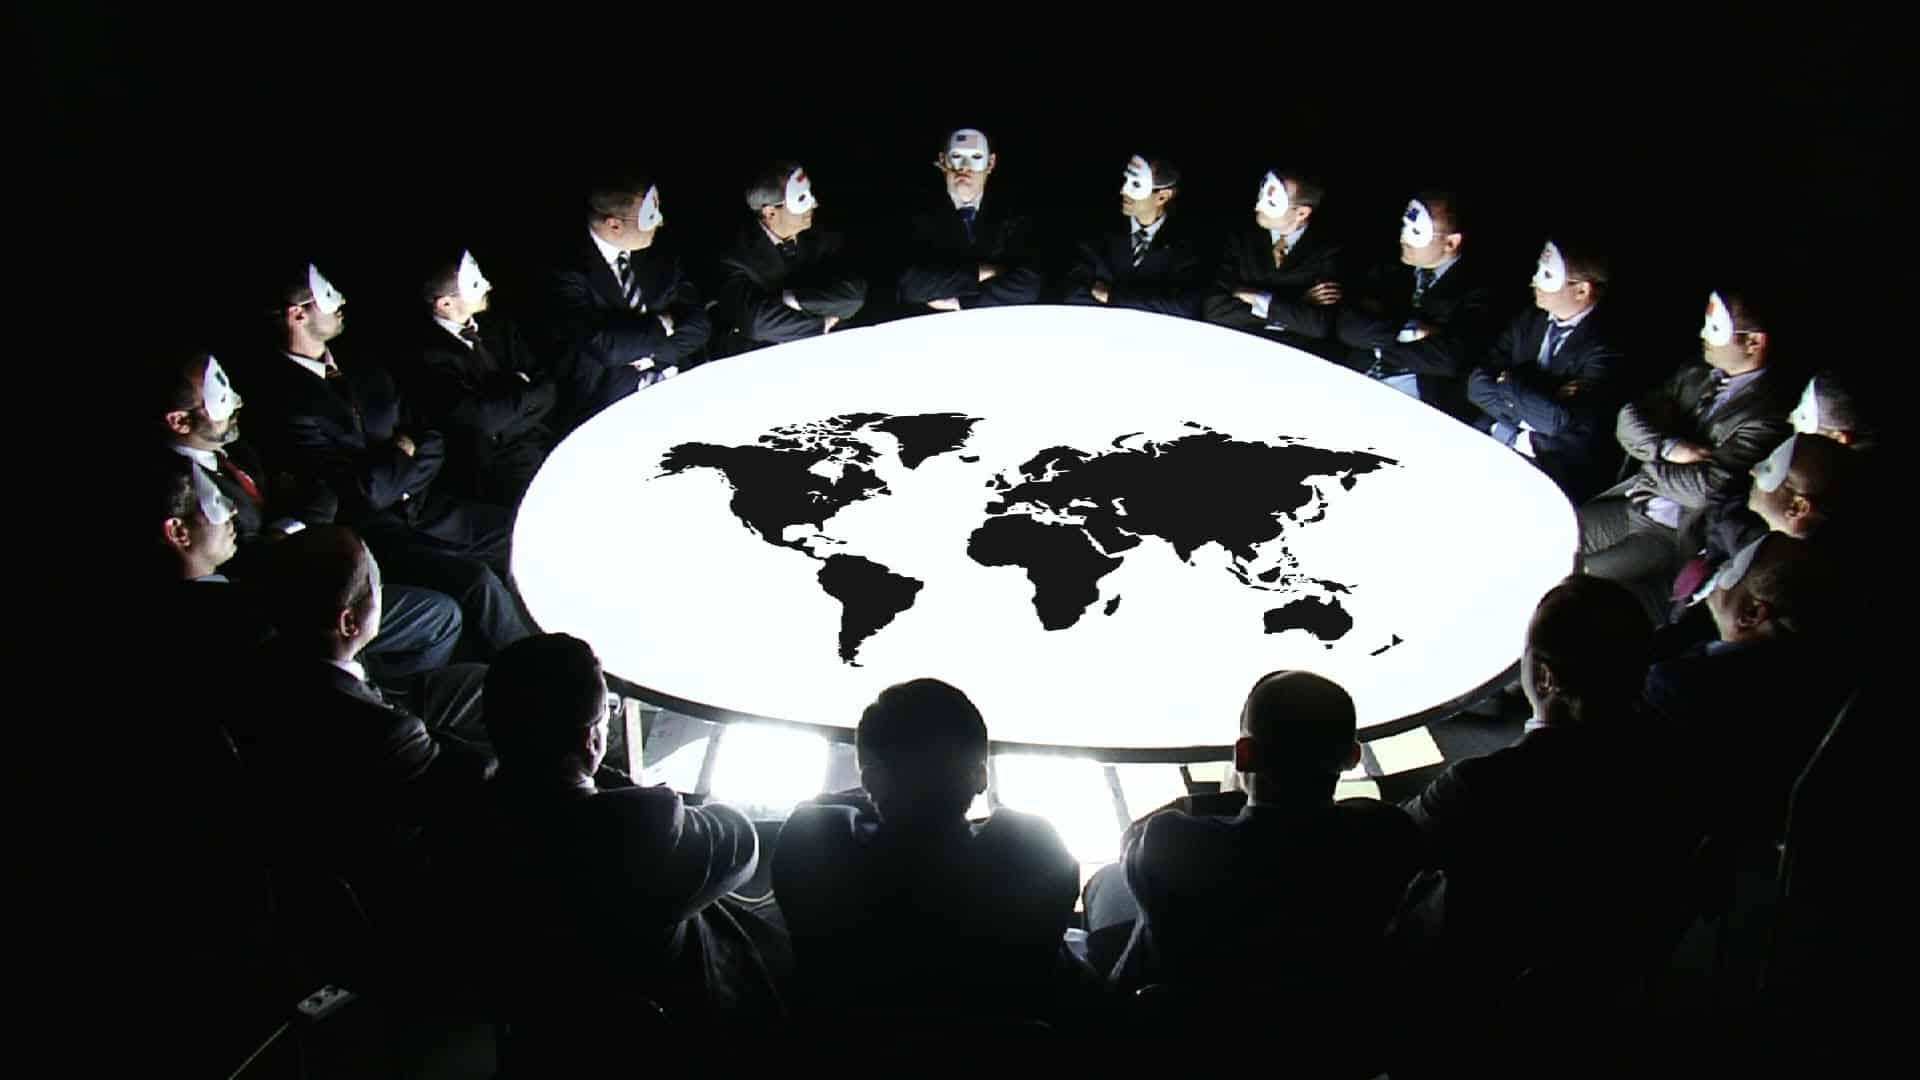 Dokument z roku 2010 předpověděl dnešní pandemii a odhaluje plán na nový světový řád